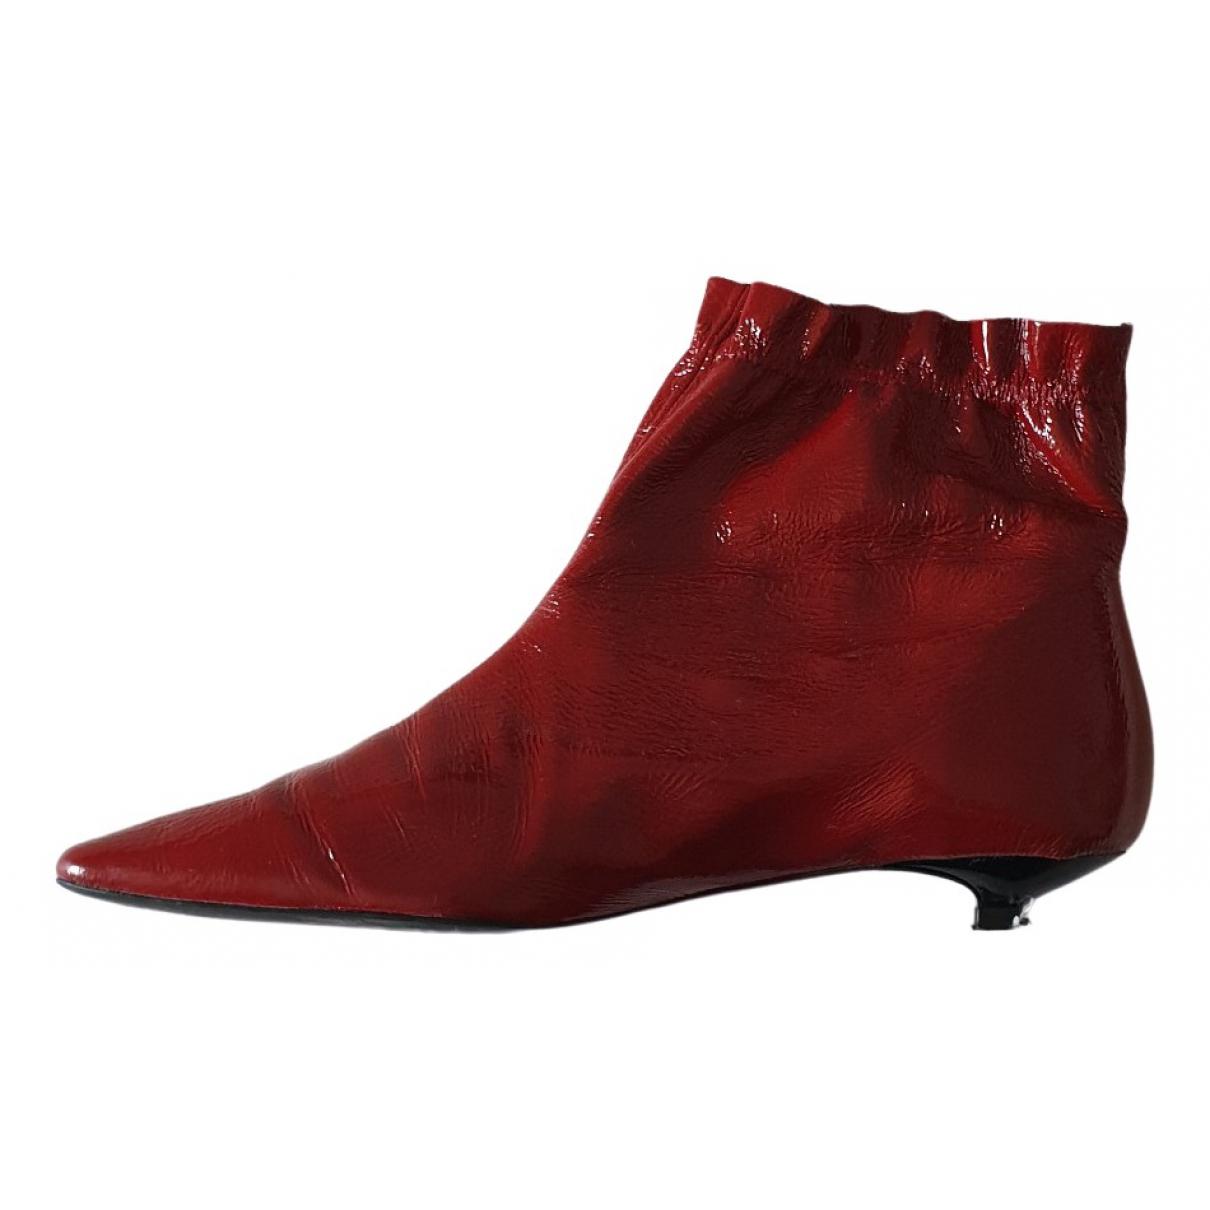 Zara \N Stiefeletten in  Rot Lackleder